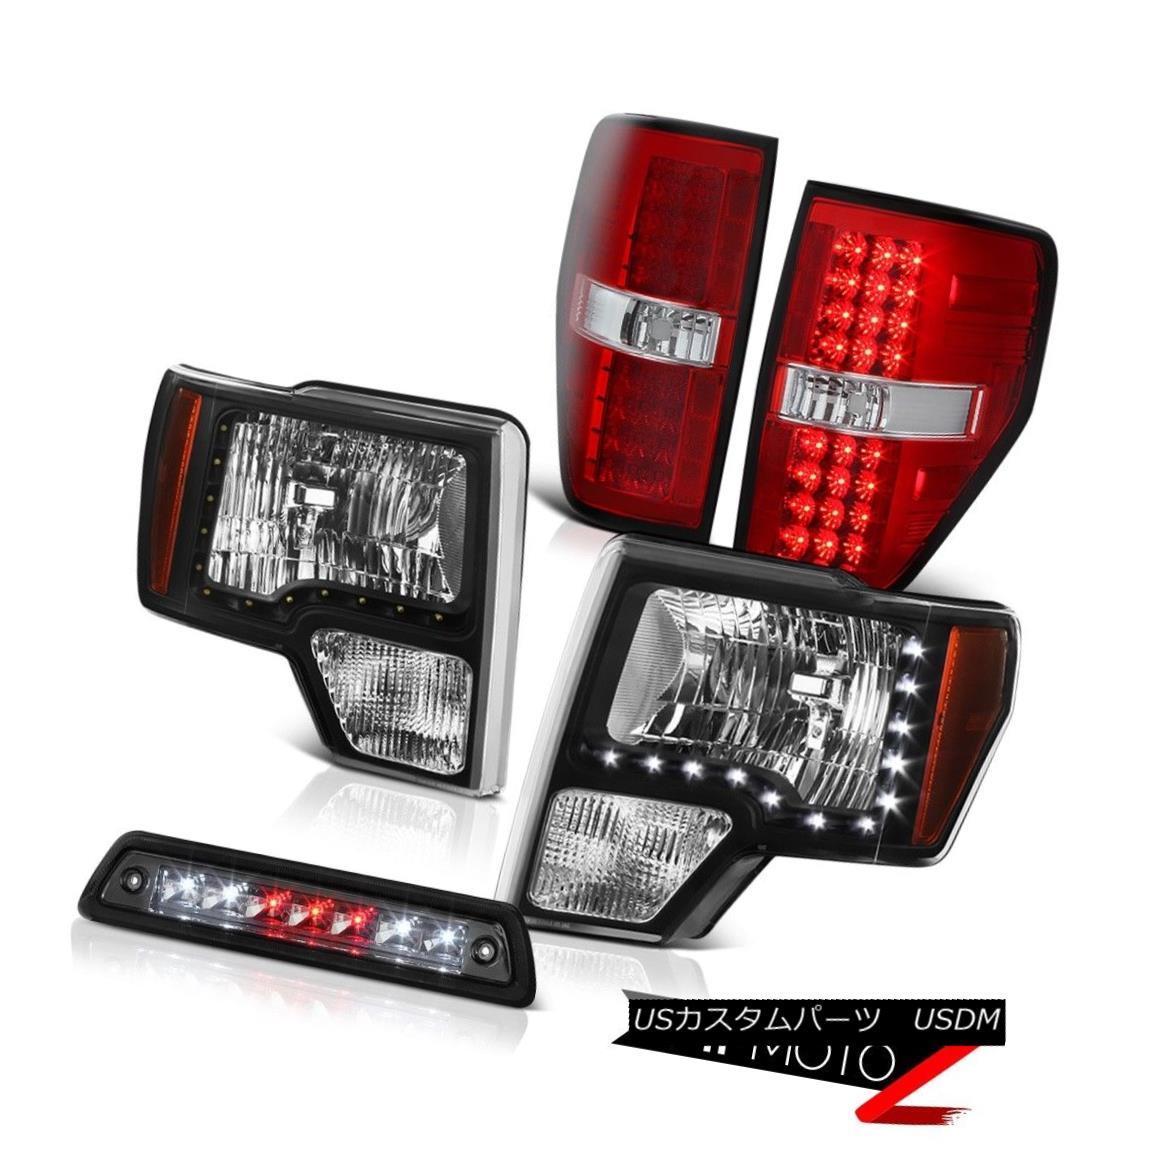 テールライト 2009-2014 F150 3.5L Smoked third brake lamp red tail lamps headlamps led drl SMD 2009 - 2014年F150 3.5Lスモークサードブレーキランプ赤テールランプヘッドライトled drl SMD